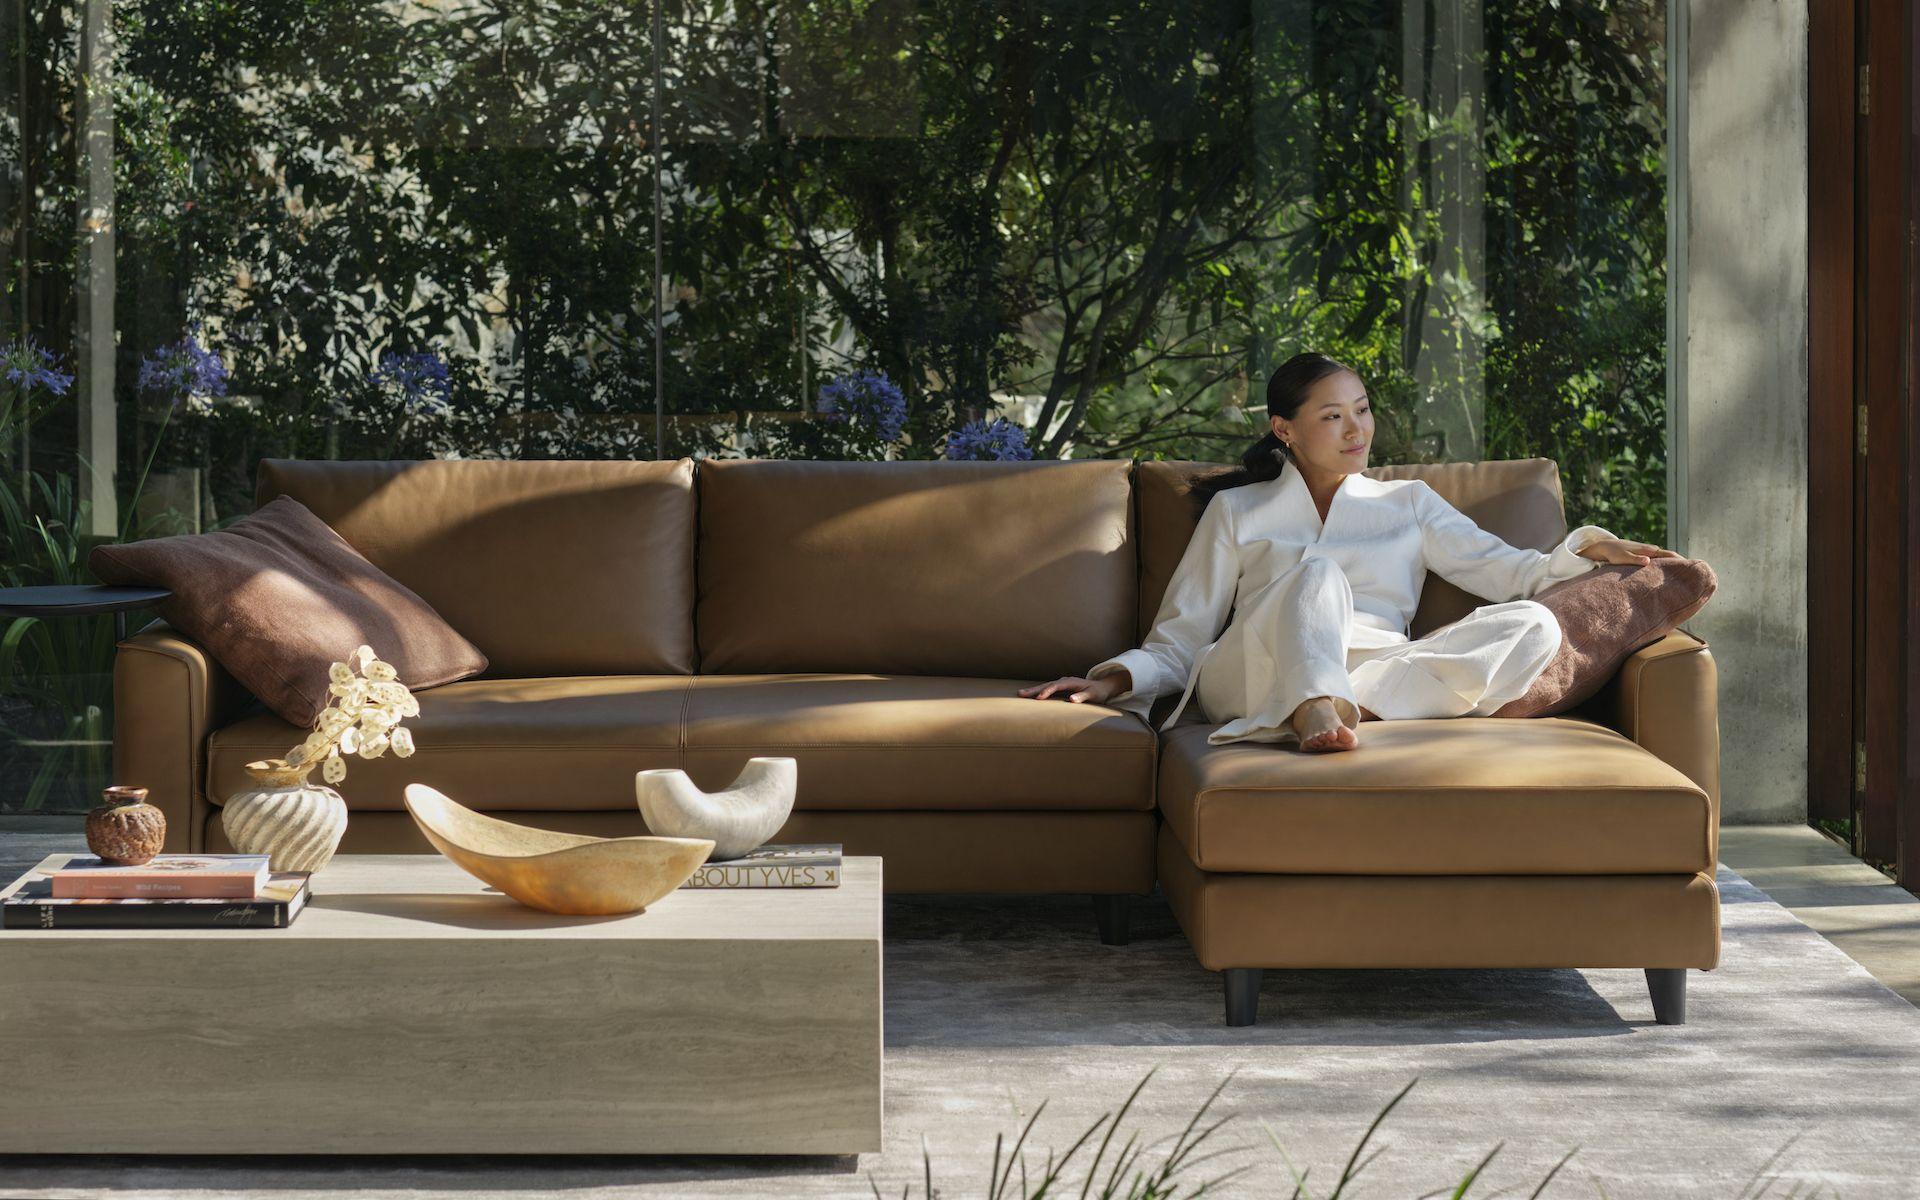 King's Delta III sofa